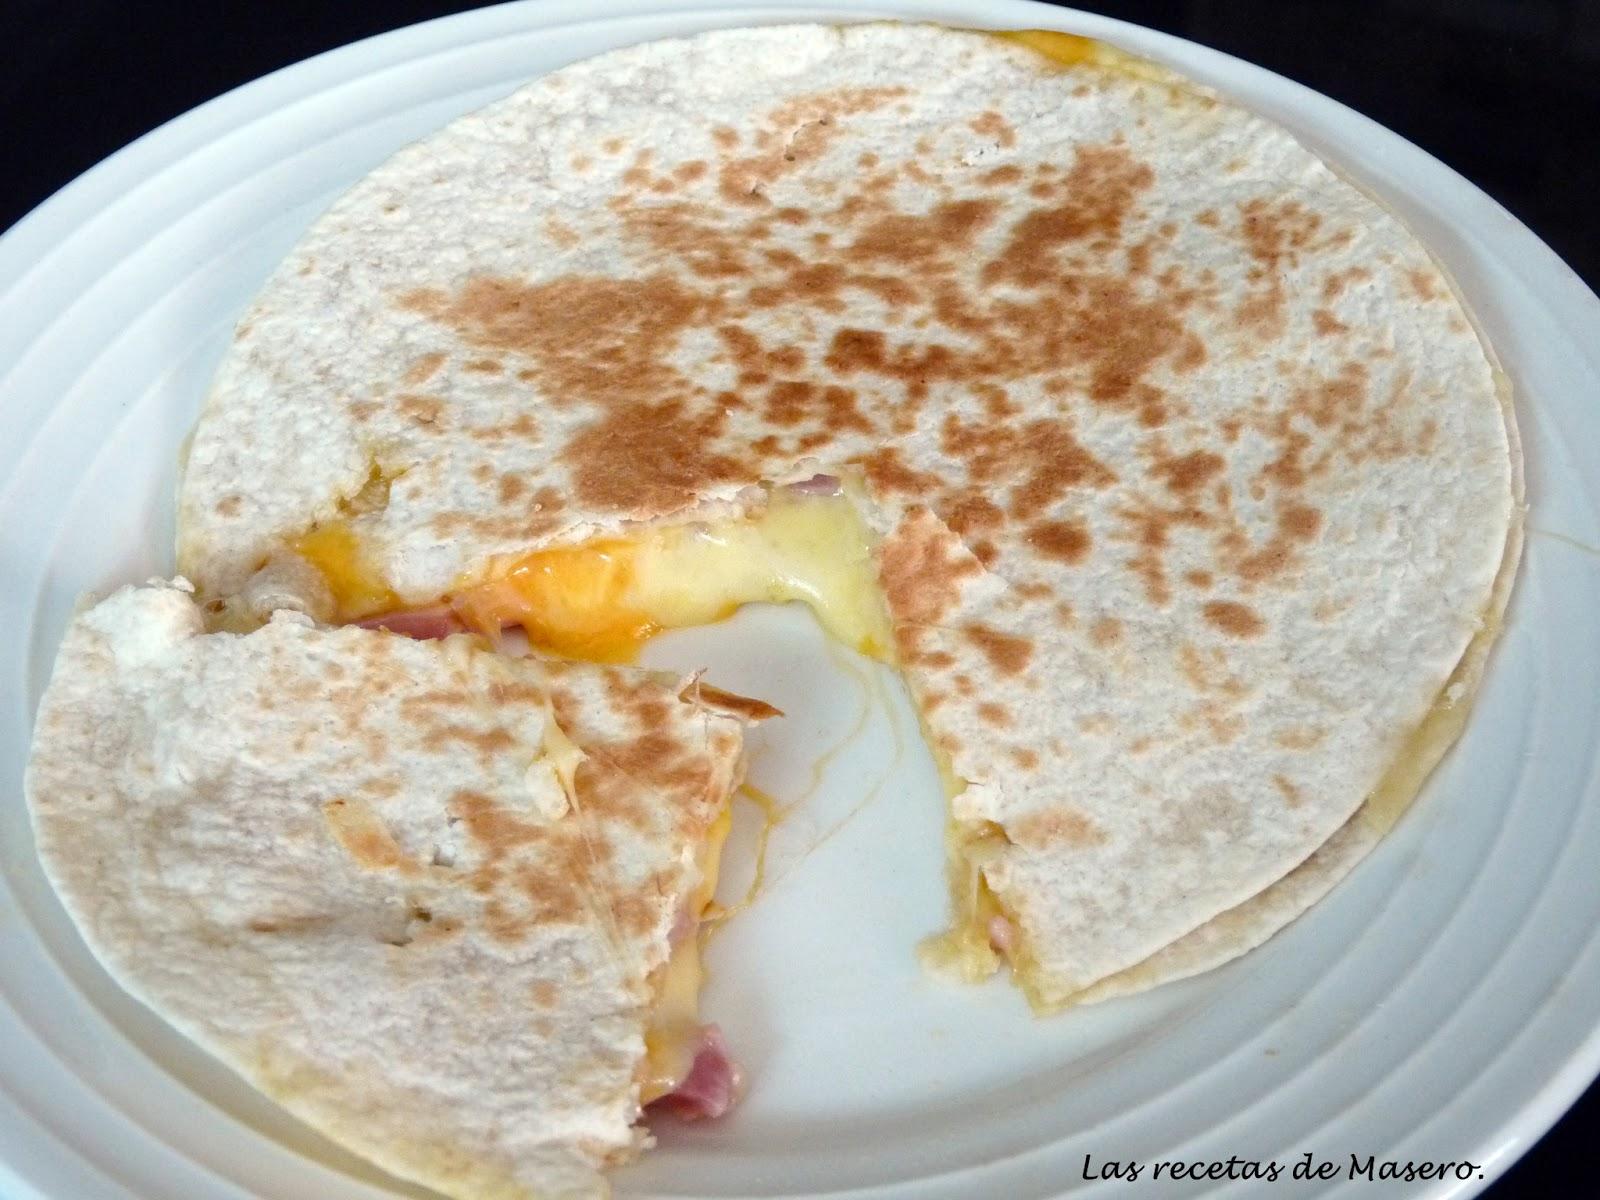 Quesadilla de jamón york y queso.